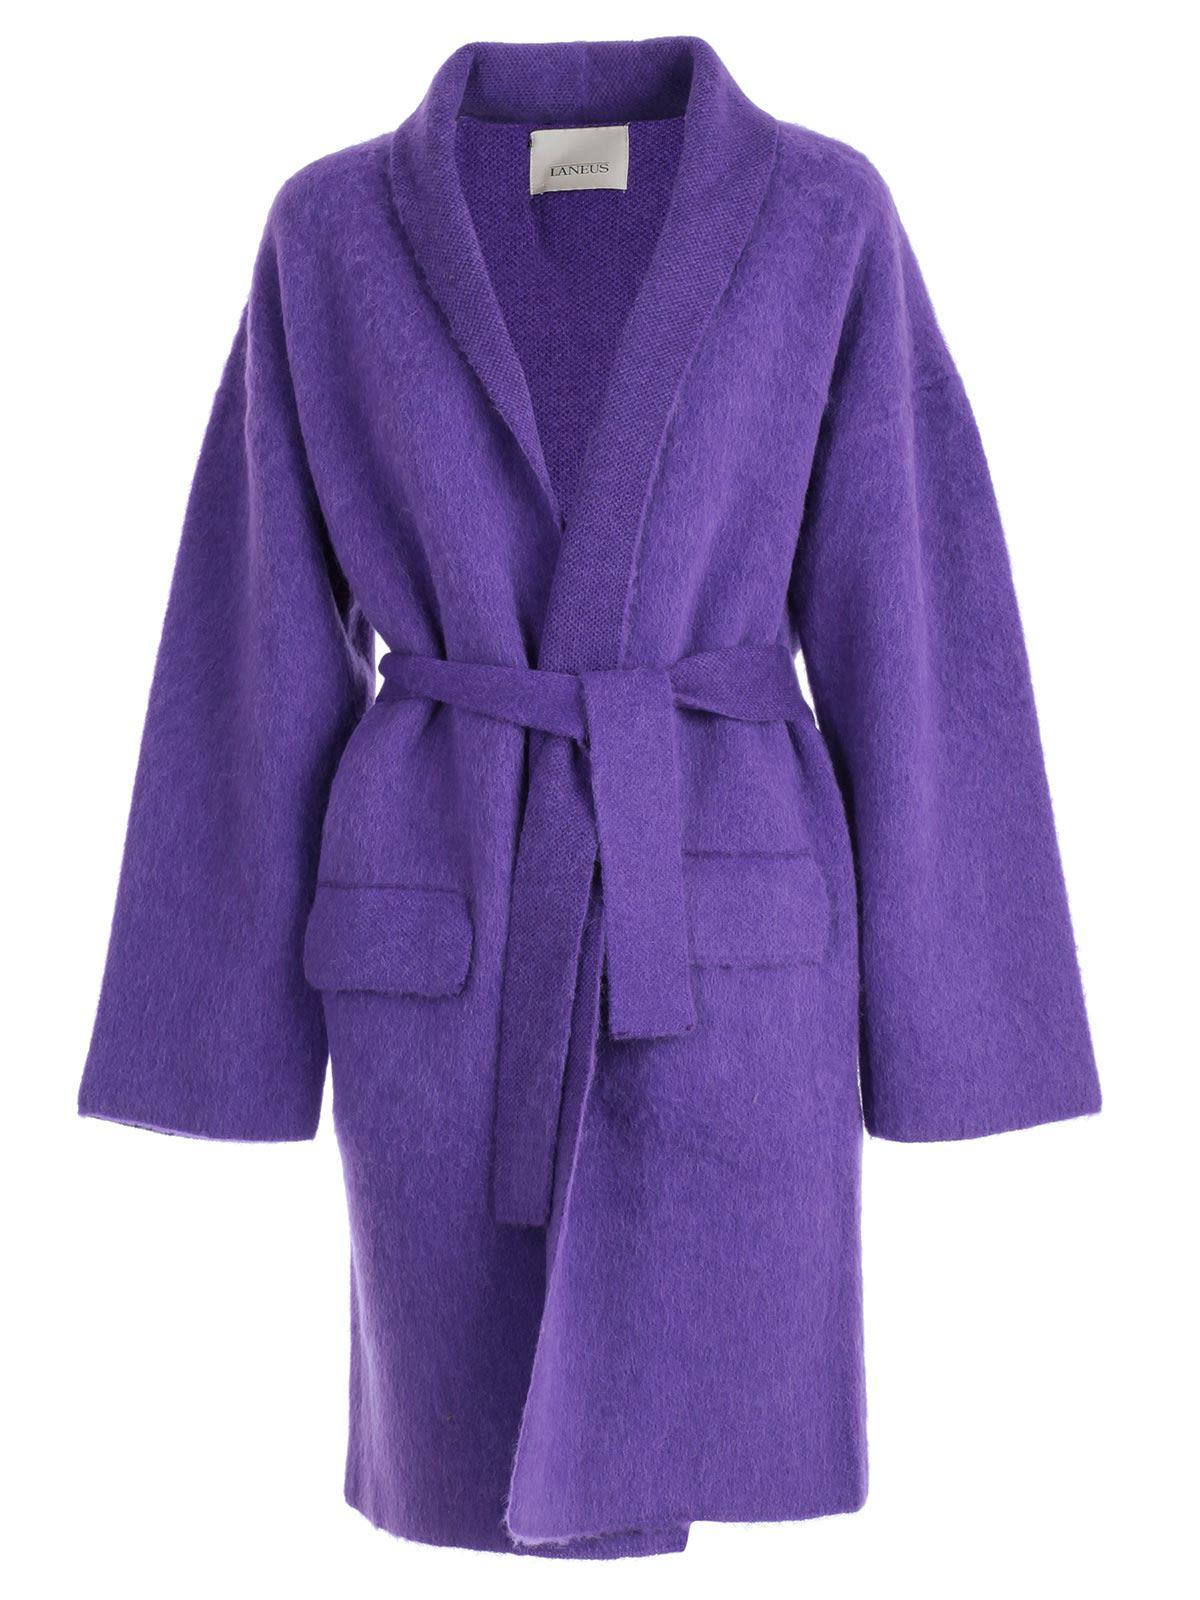 LANEUS Belted Cardigan Coat in Purple